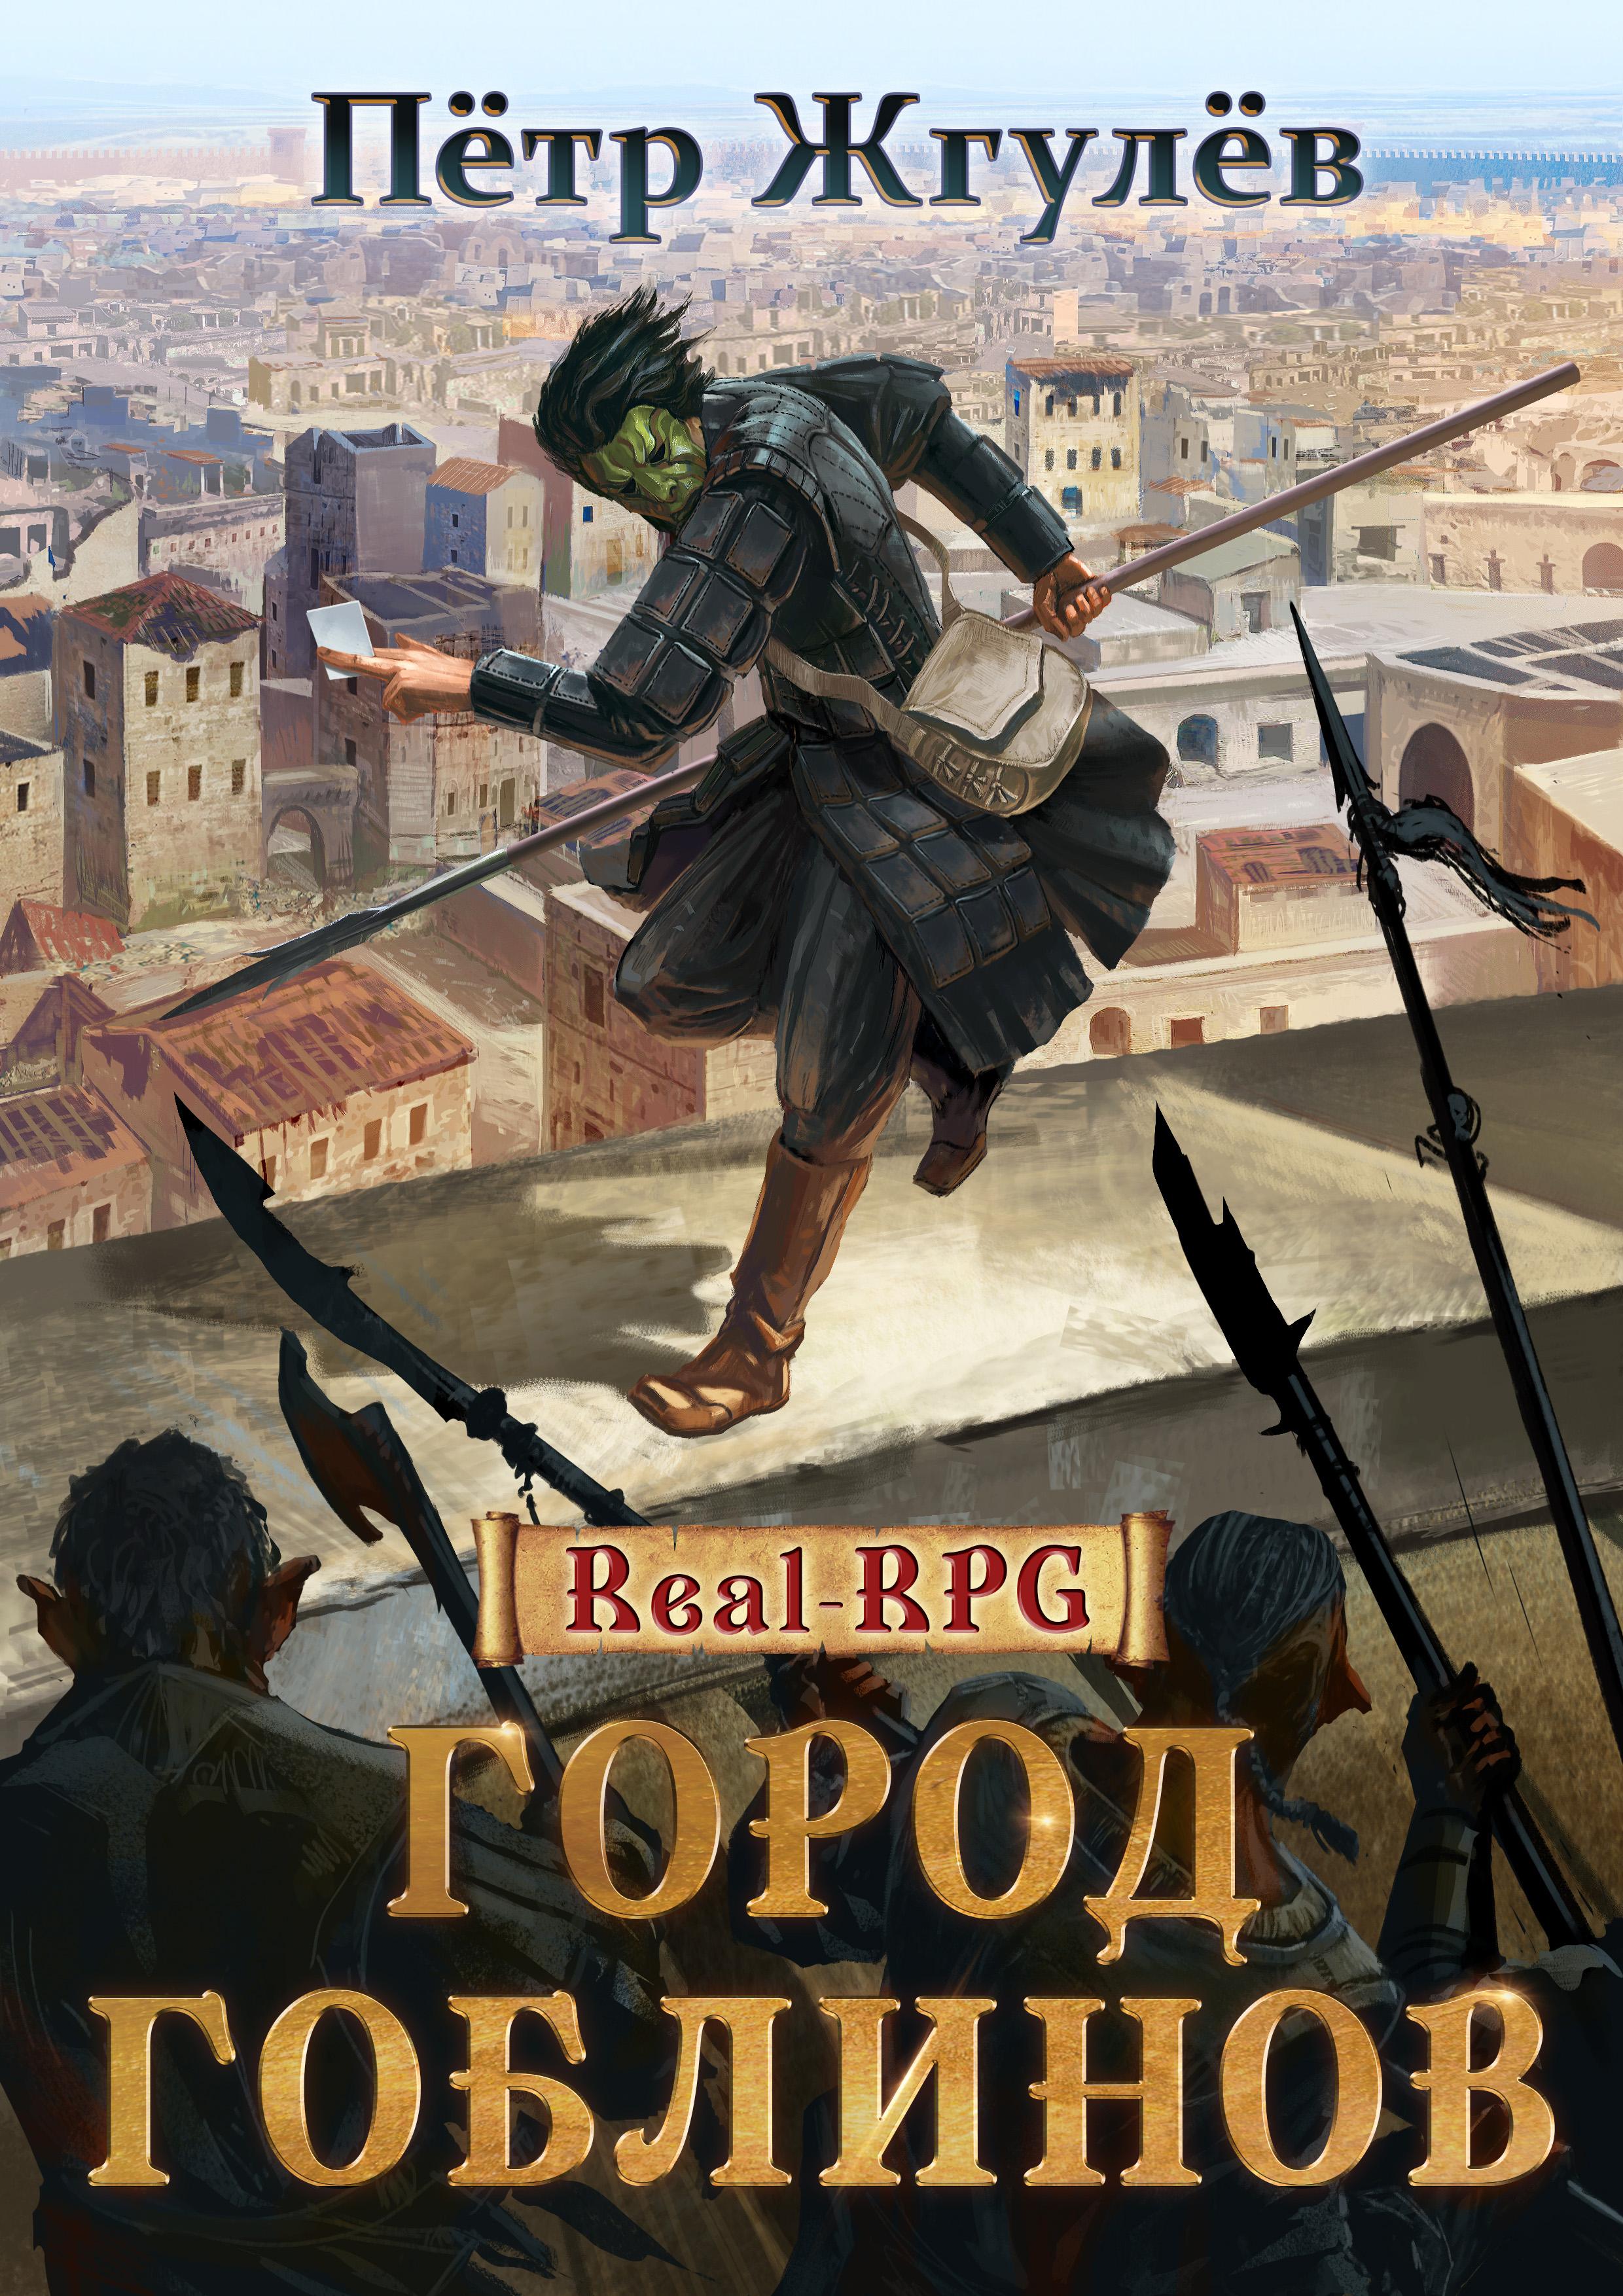 Купить книгу Real-RPG. Город гоблинов, автора Петра Жгулёва